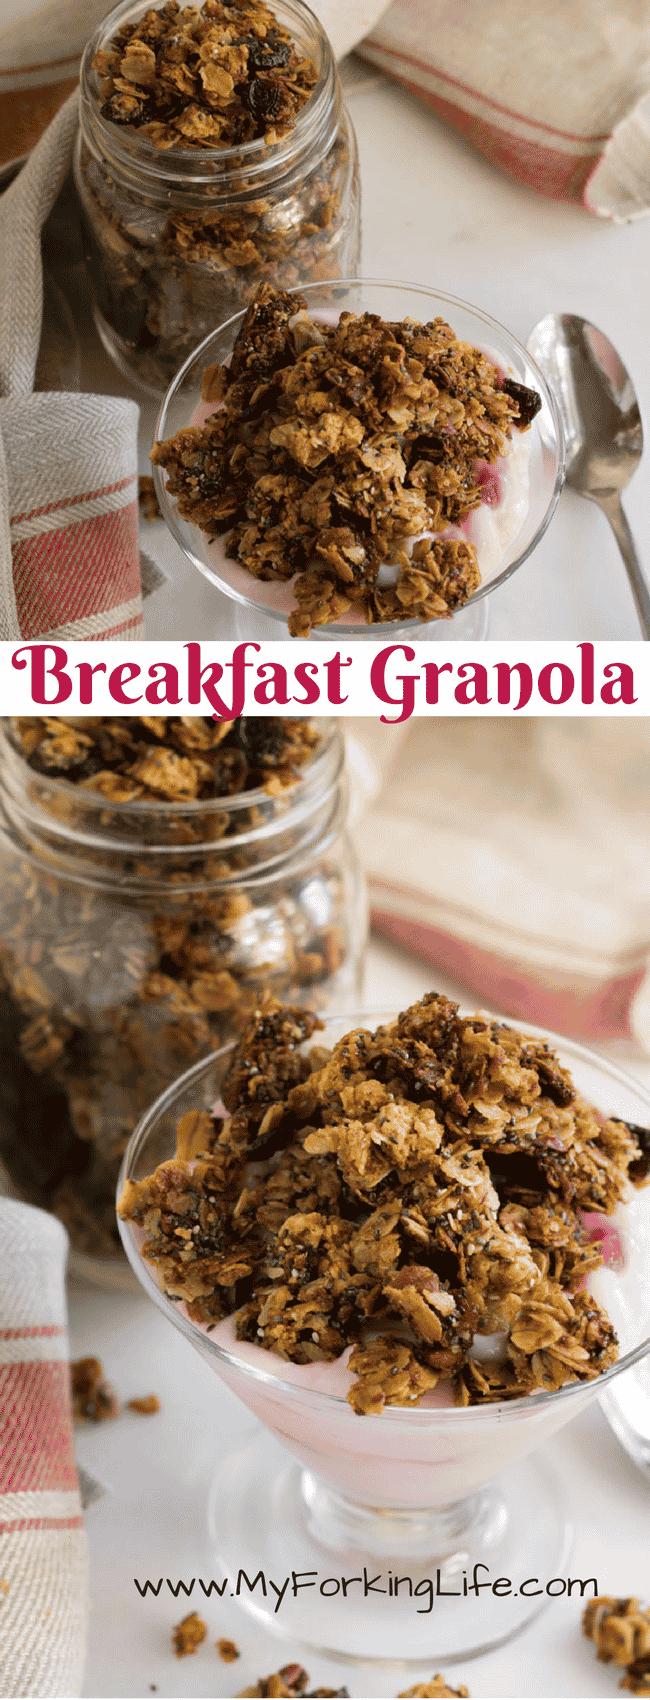 Breakfast Granola Recipe. Breakfast, snack, healthy